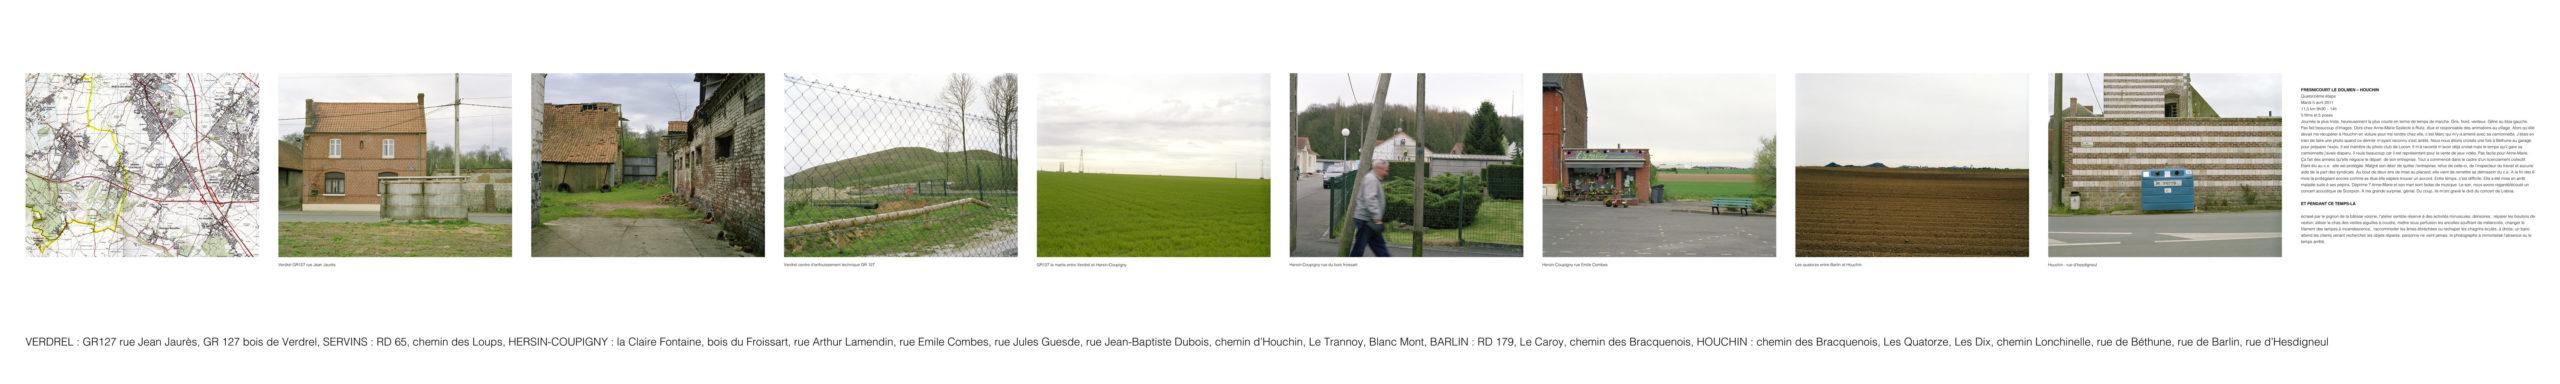 """""""capitale régionale de la culture"""", marcher créer, territoire du bassin minier, paysage de l'Artois, paysage urbain, paysage périurbain et paysage de la campagne"""